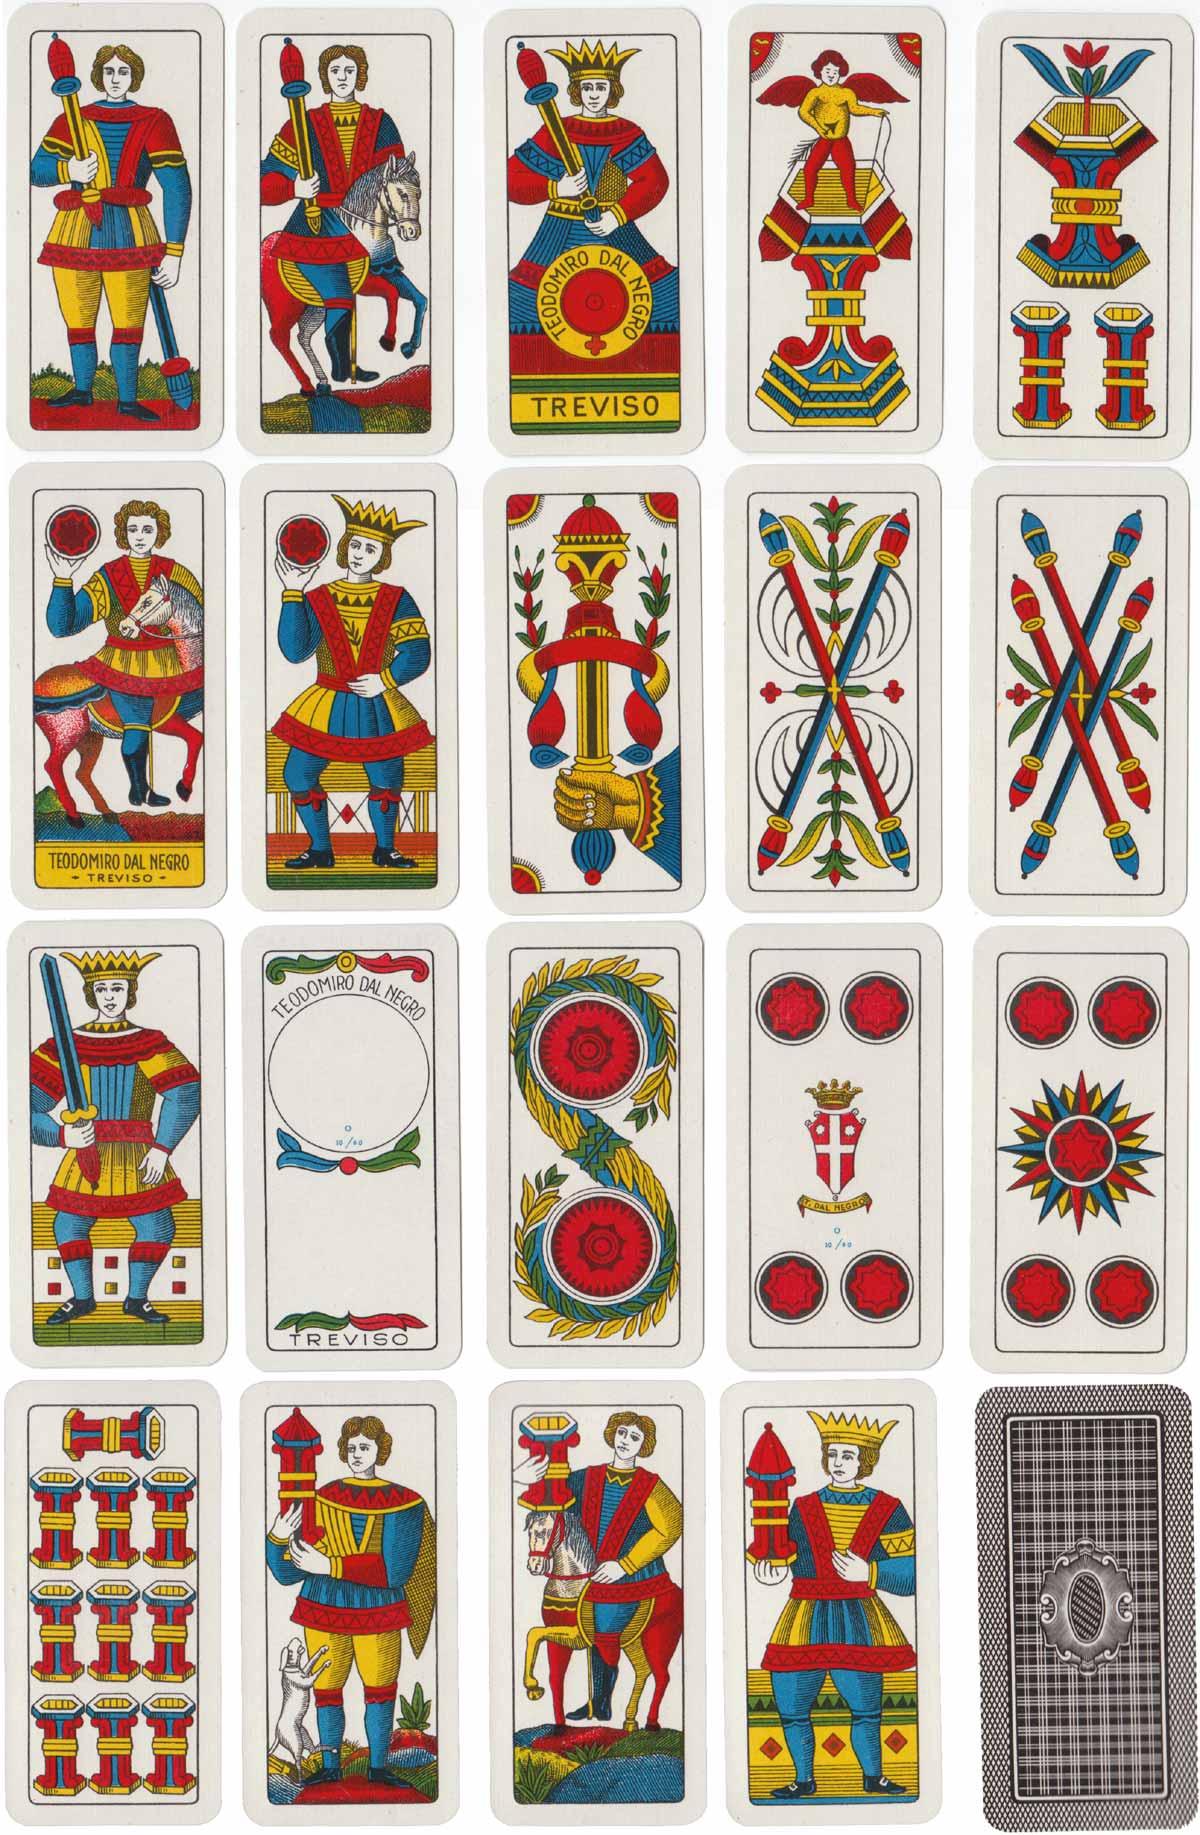 Bresciane pattern by Dal Negro, c.1960